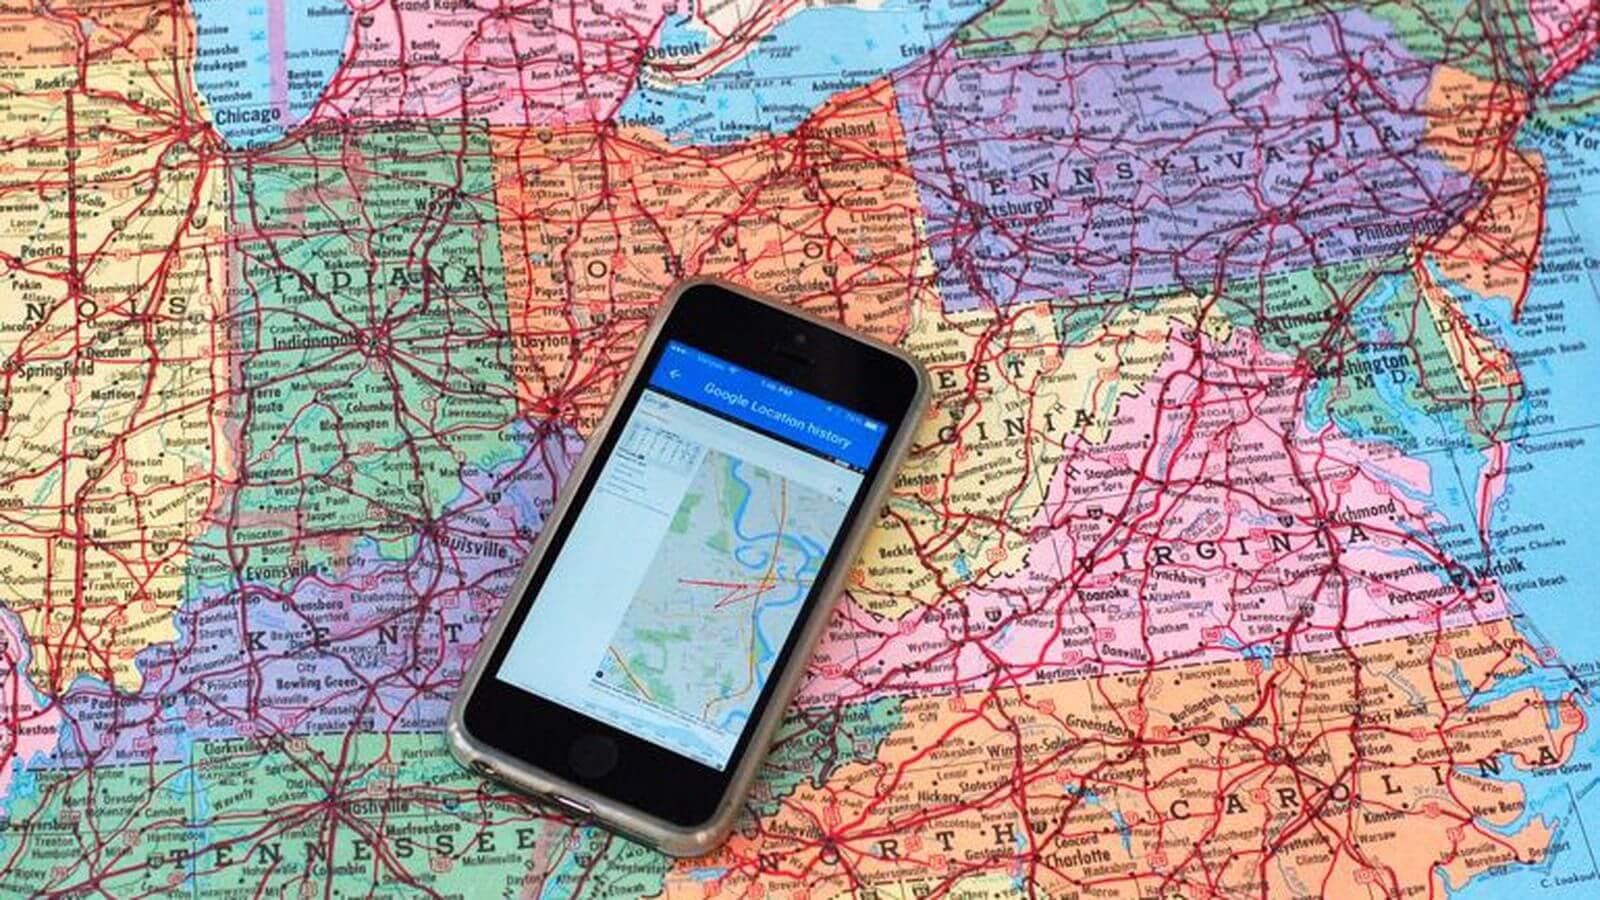 خرائط جوجل تقوم بتتبعك و معرفة أماكن تواجد كيف تقوم بمنعها !؟